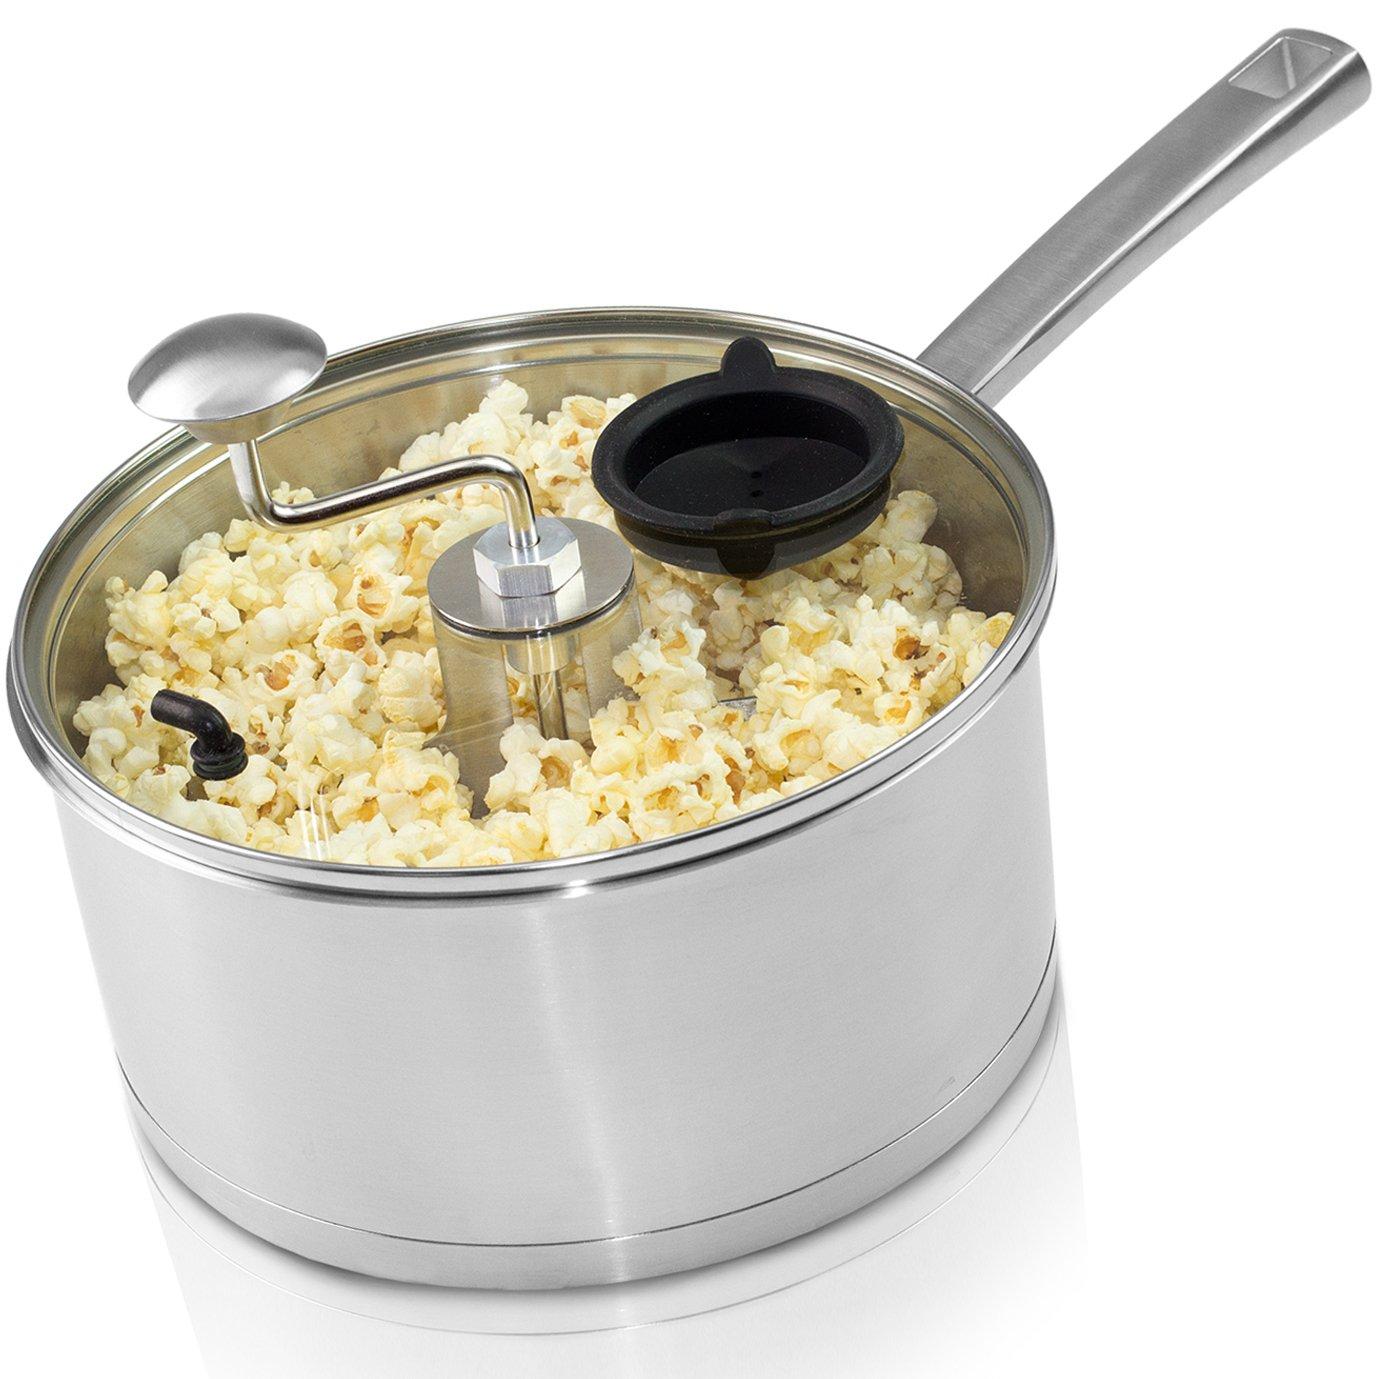 Zippy Pop & Roast Stovetop Popcorn Popper